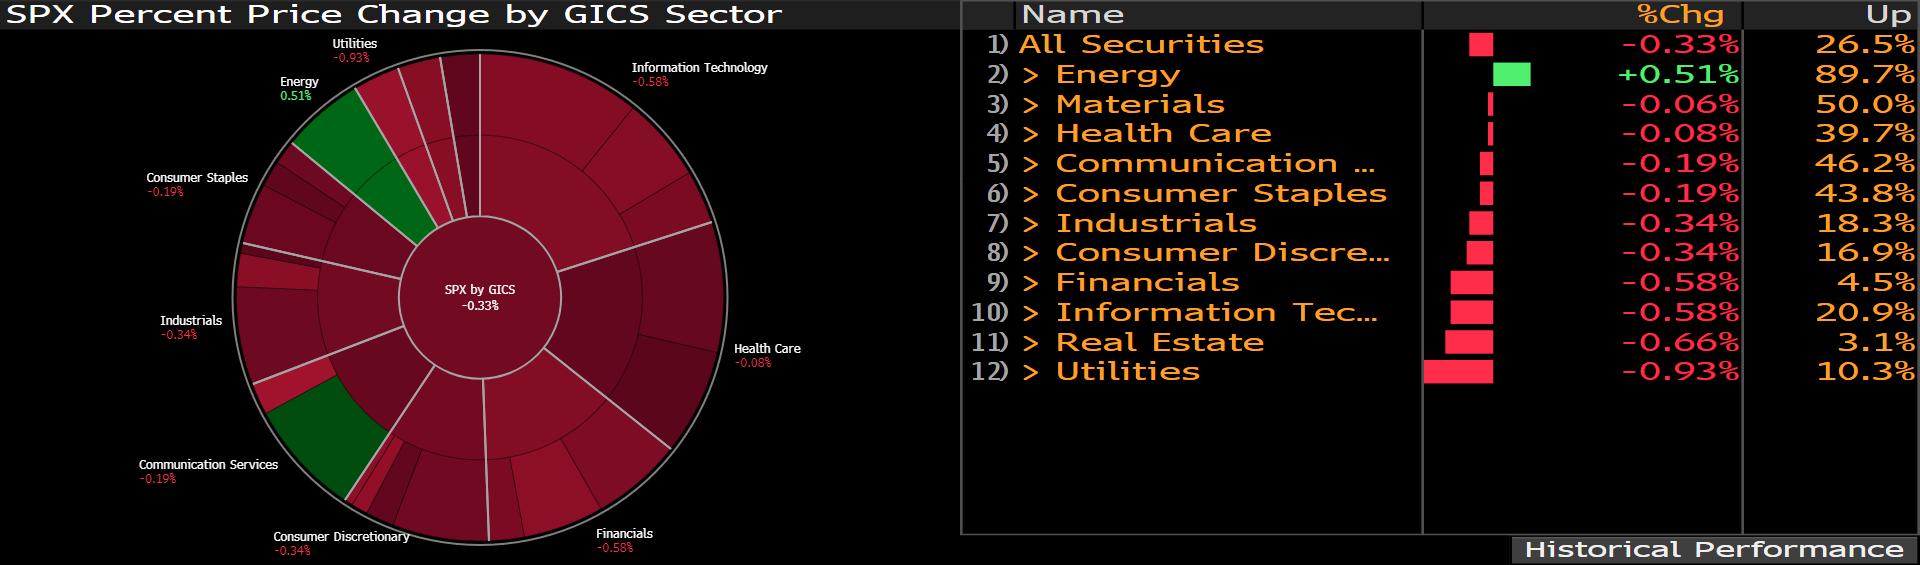 Zestawienie zmian notowań spółek indeksu S&P500 w podziale na sektory; Źródło: Bloomberg